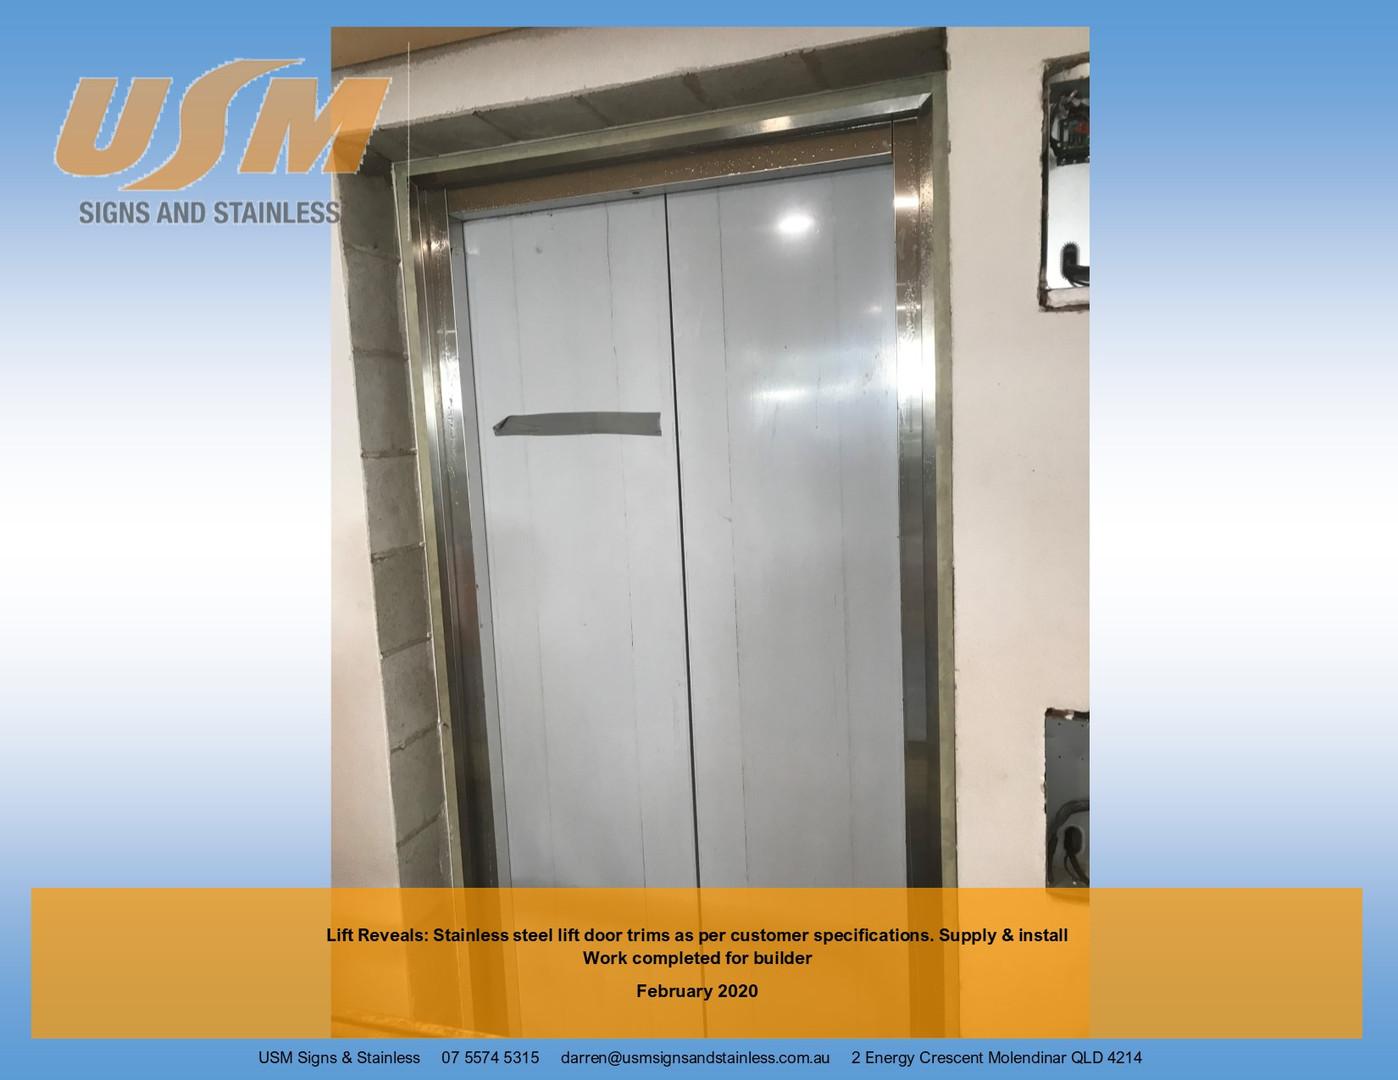 Lift reveals